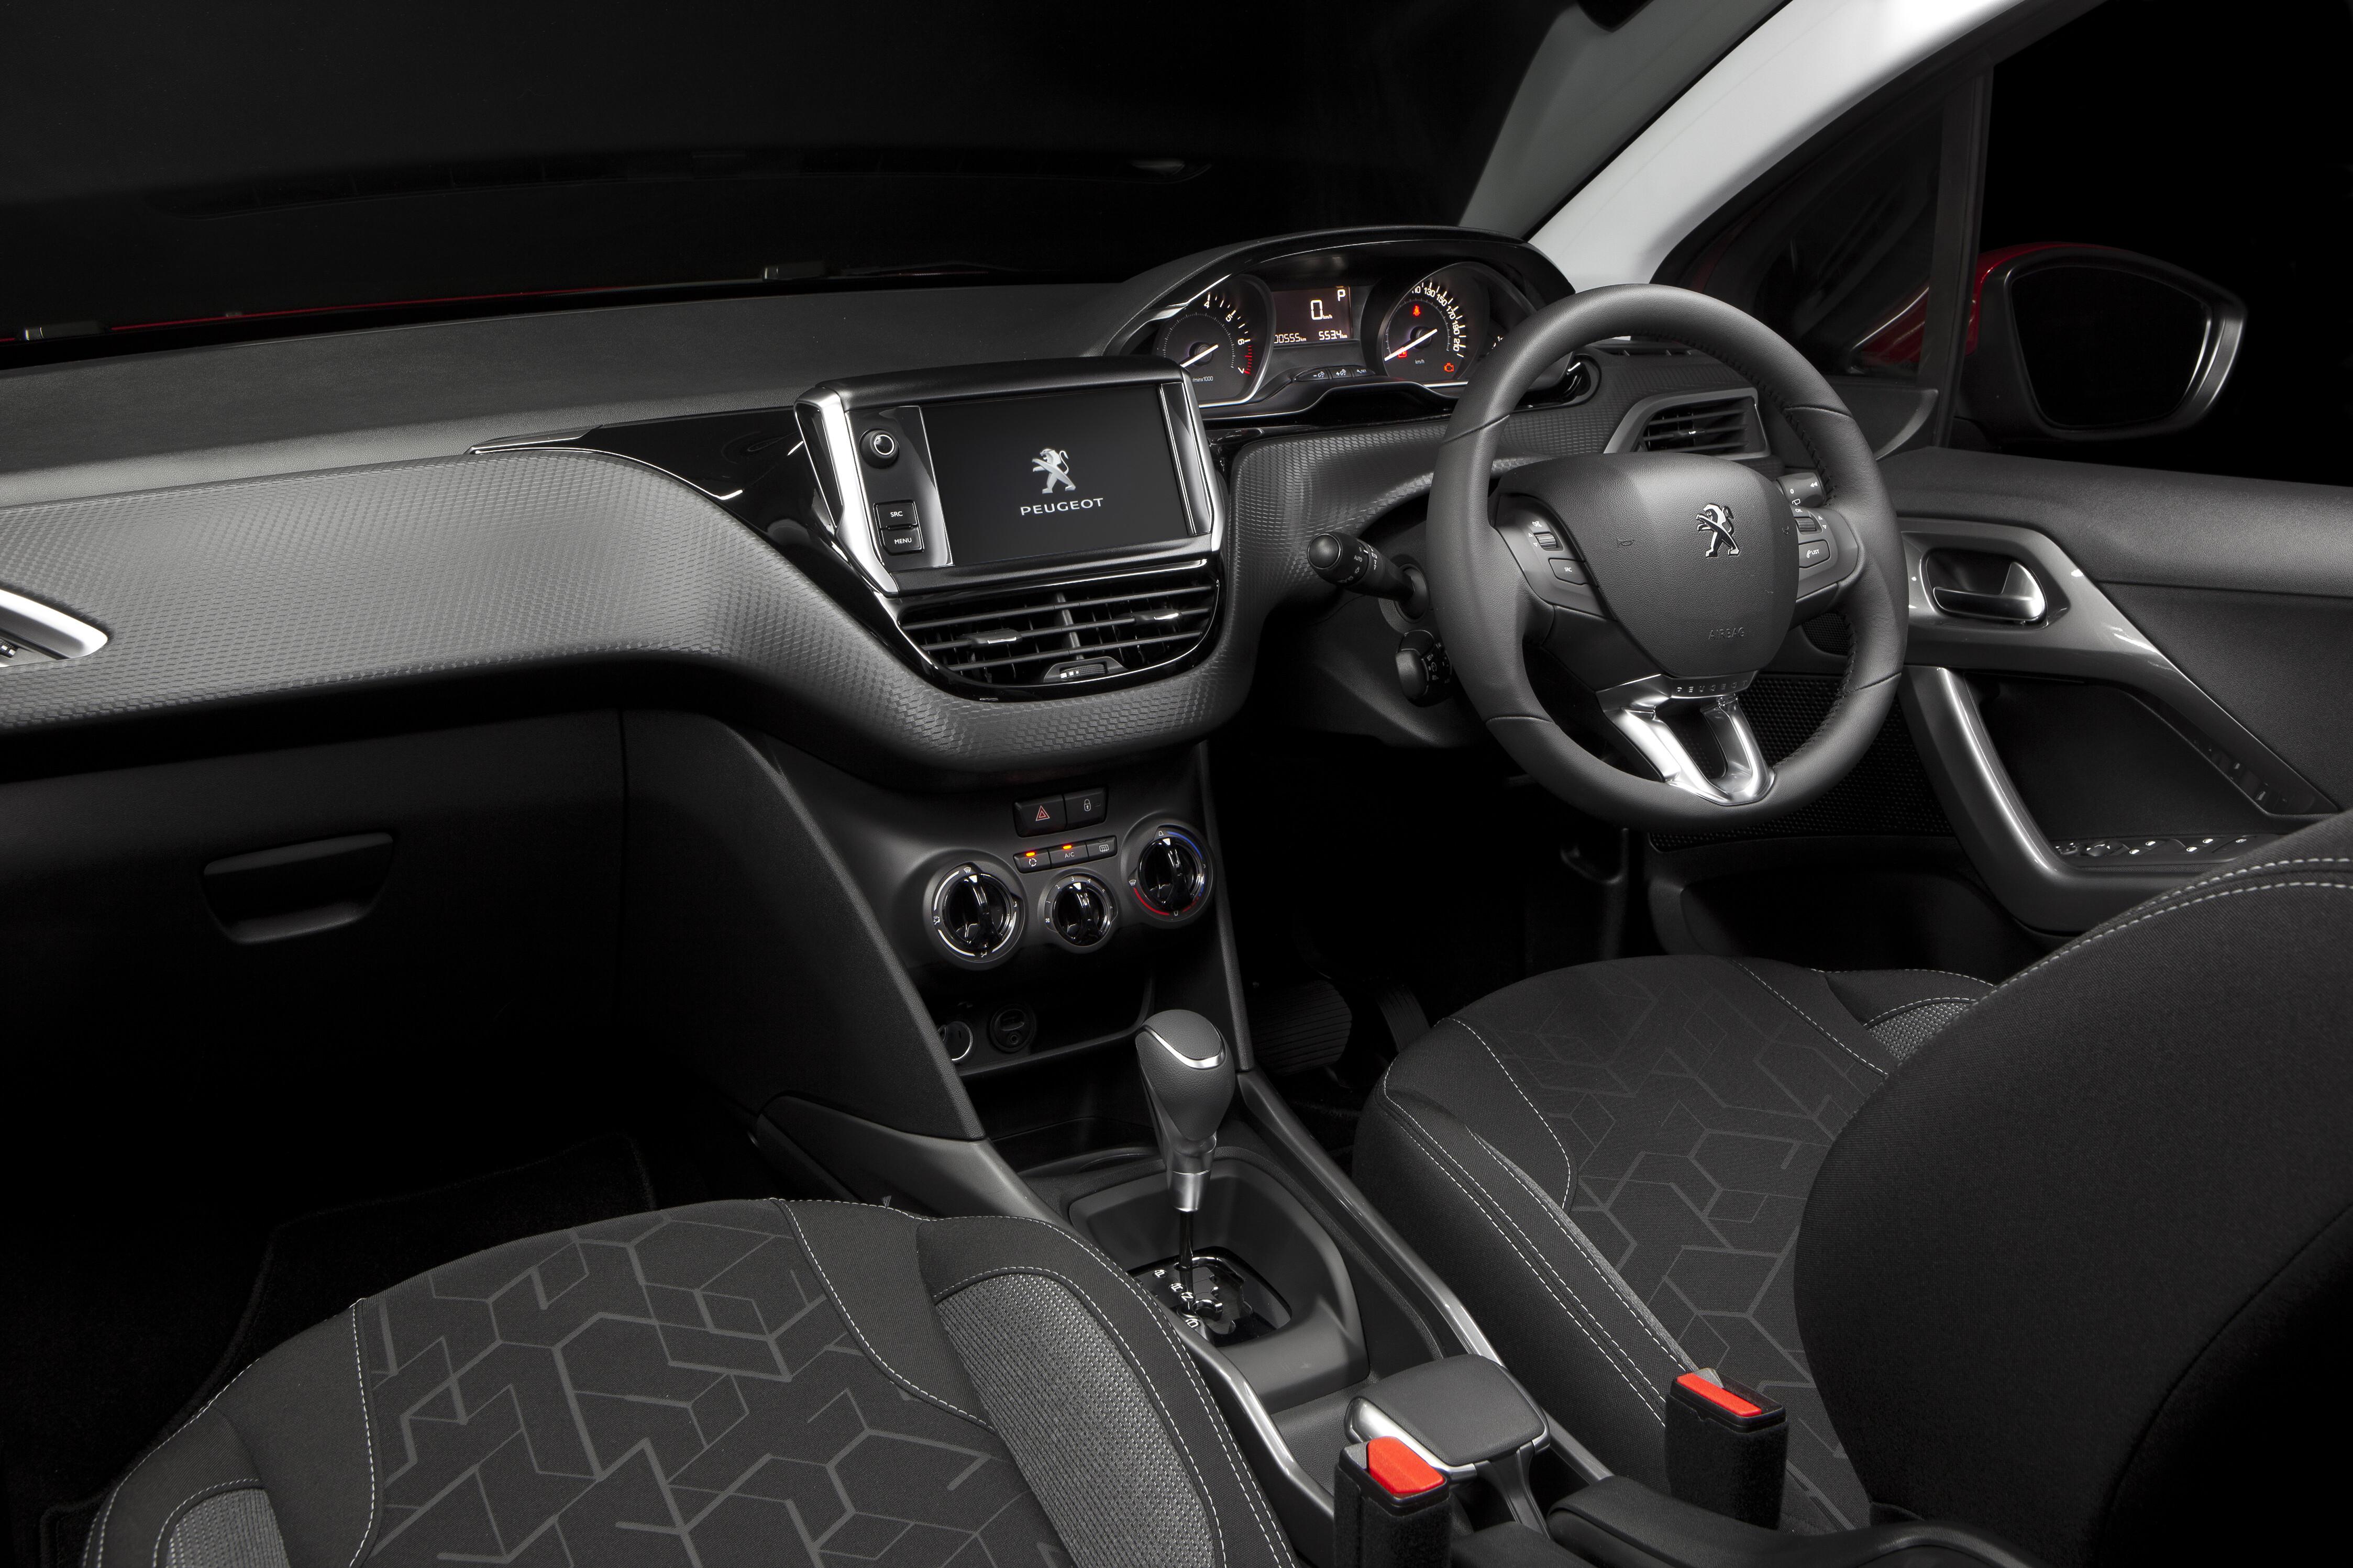 2017 Peugeot 2008 INTERIOR